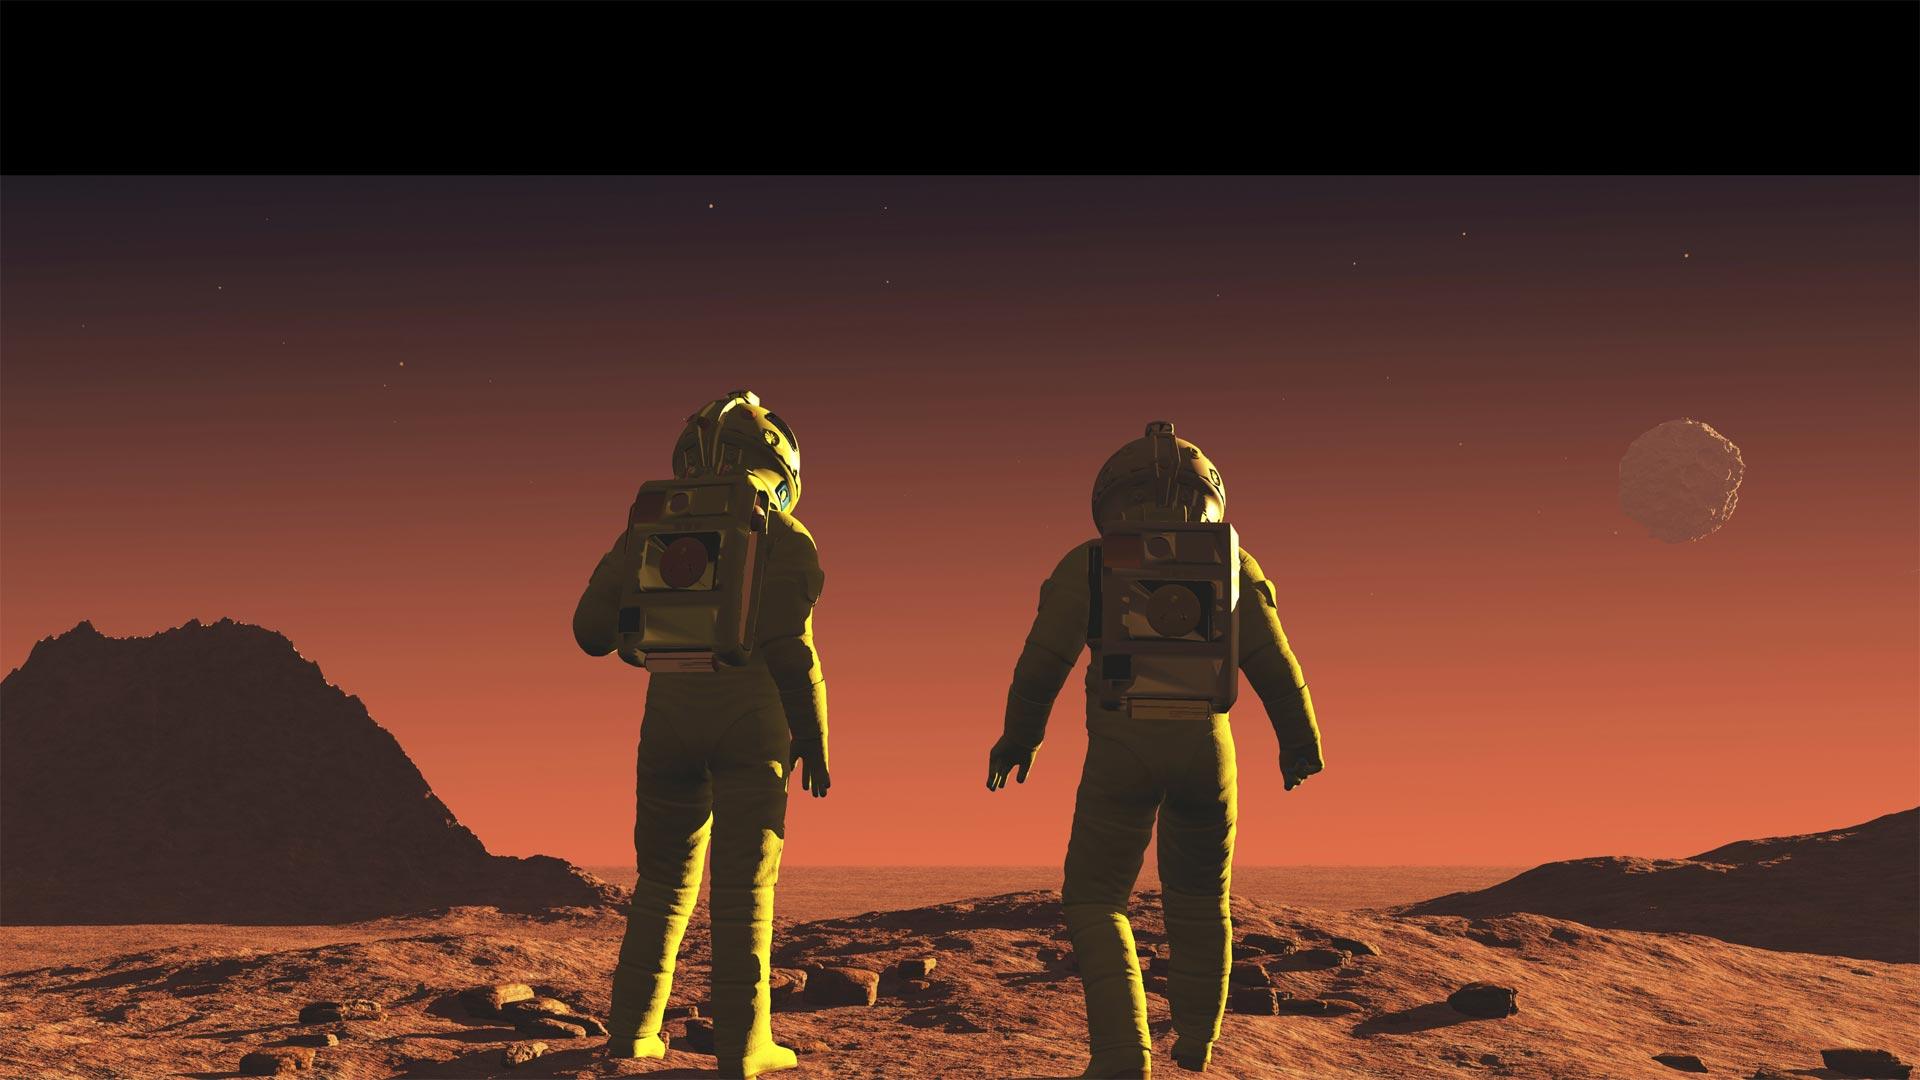 La realidad virtual está tan cerca de nosotros que parece increíble pensar que nos acercará este planeta